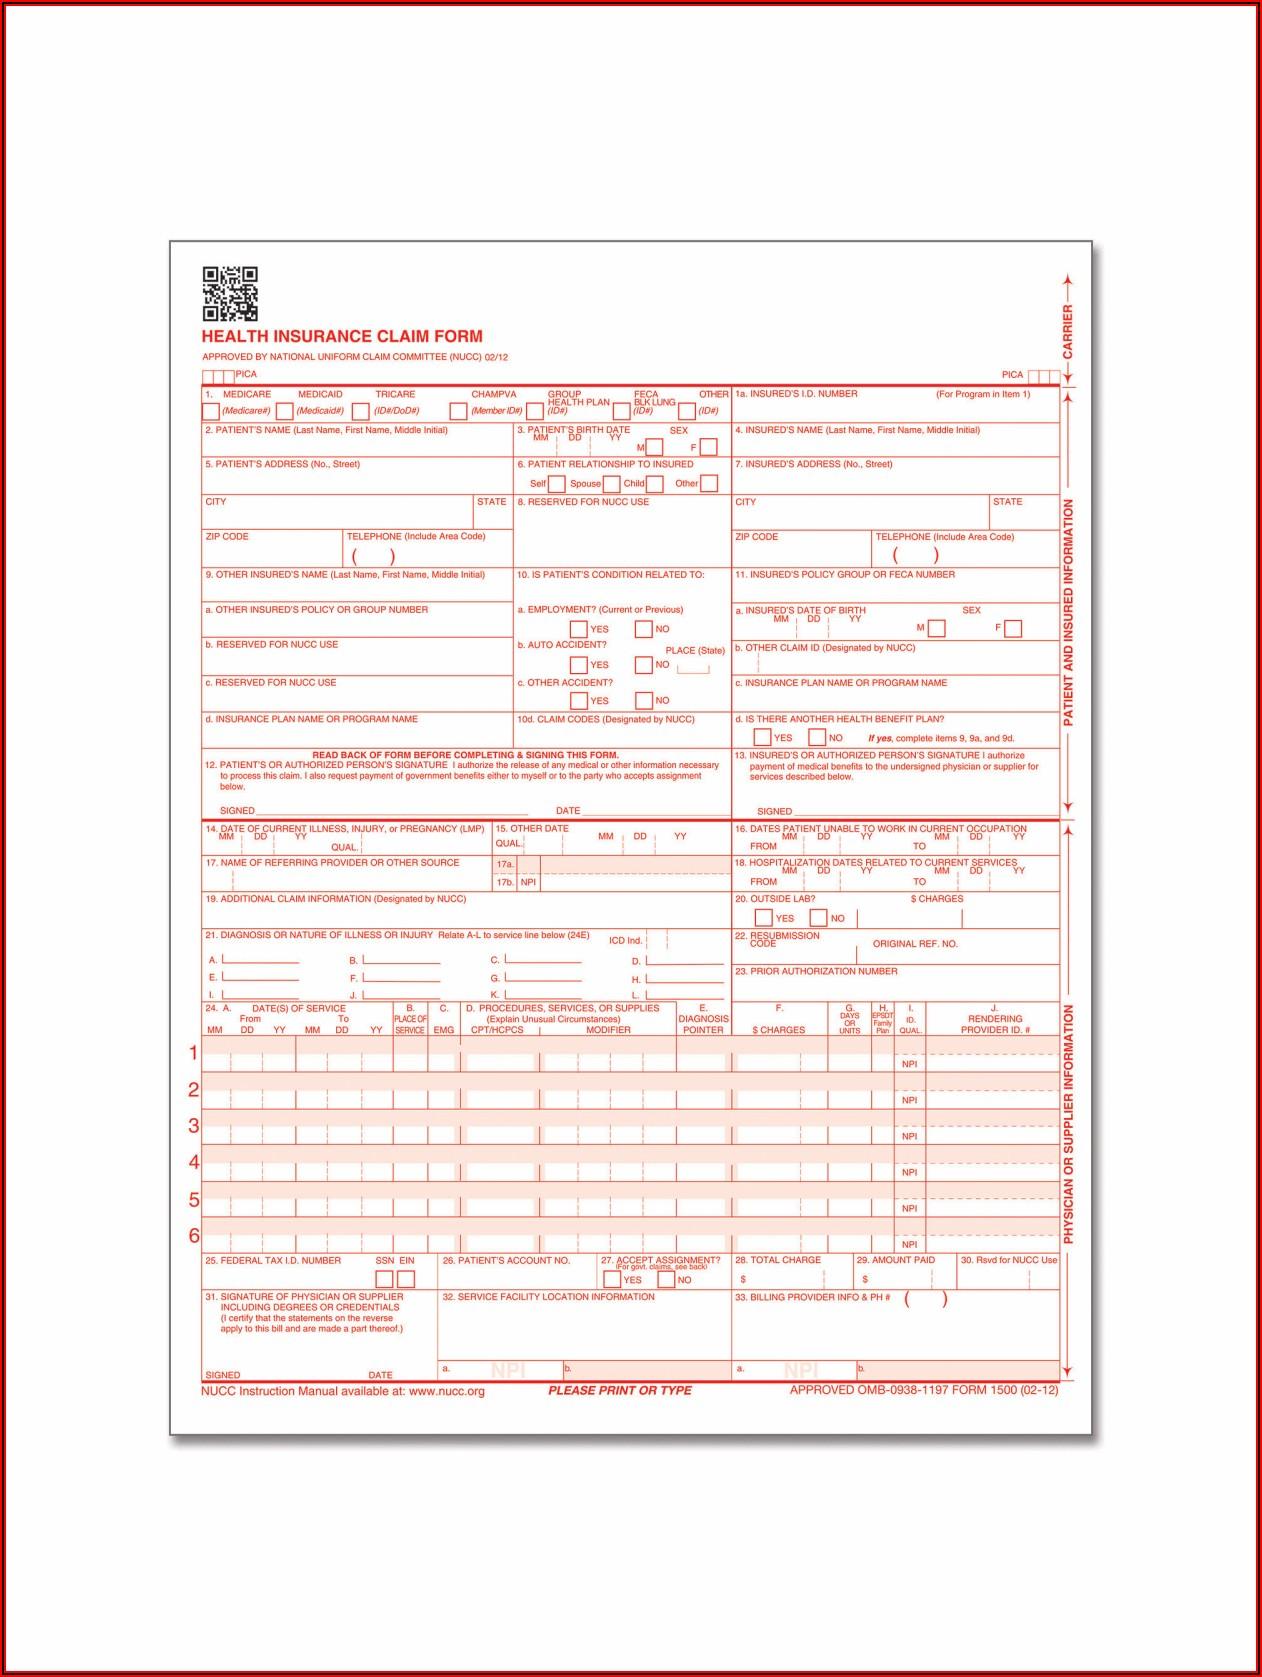 Nucc 1500 Claim Form Pdf Free